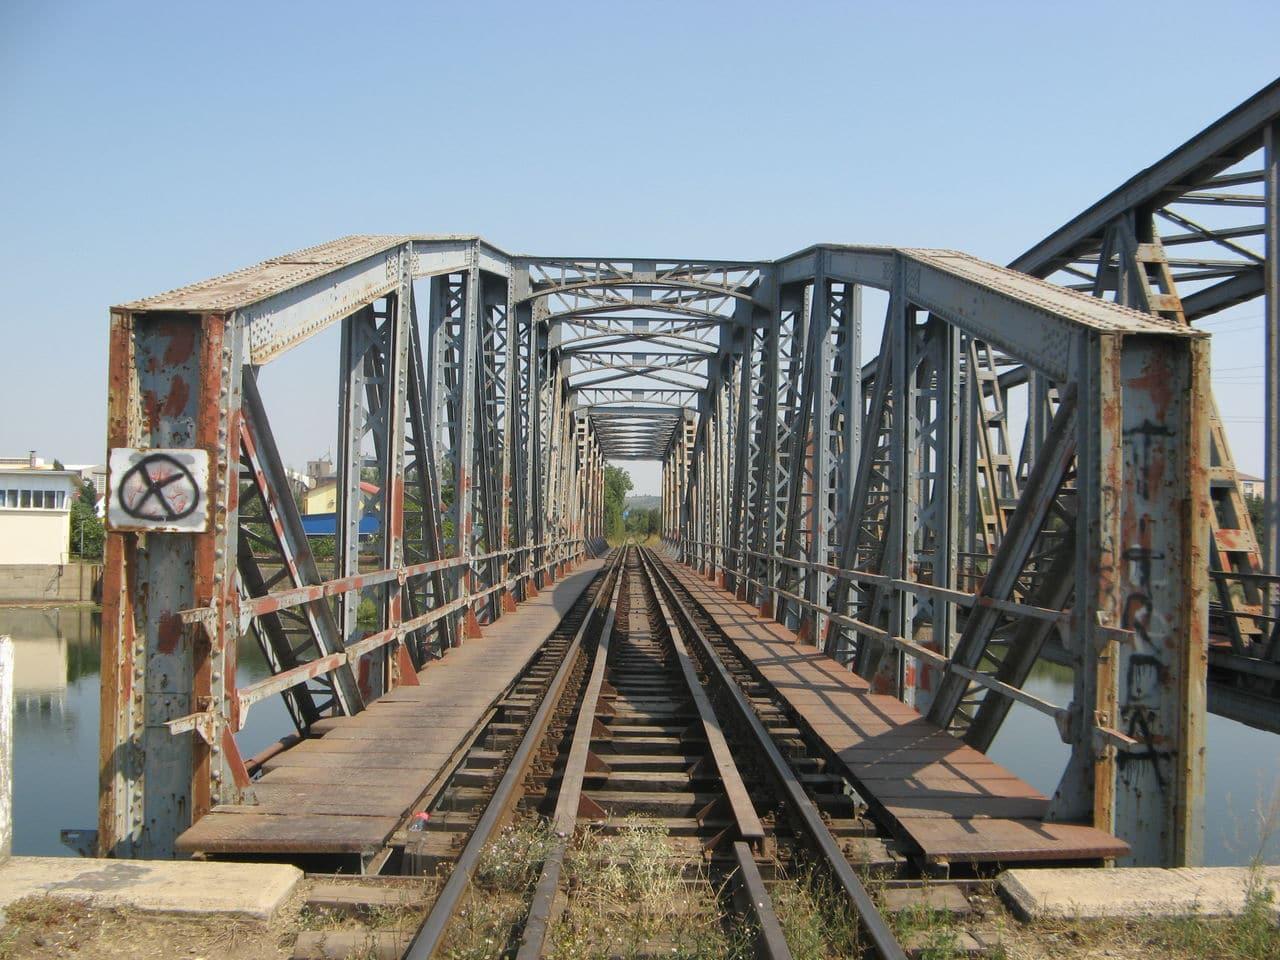 Calea ferată directă Oradea Vest - Episcopia Bihor IMG_0014